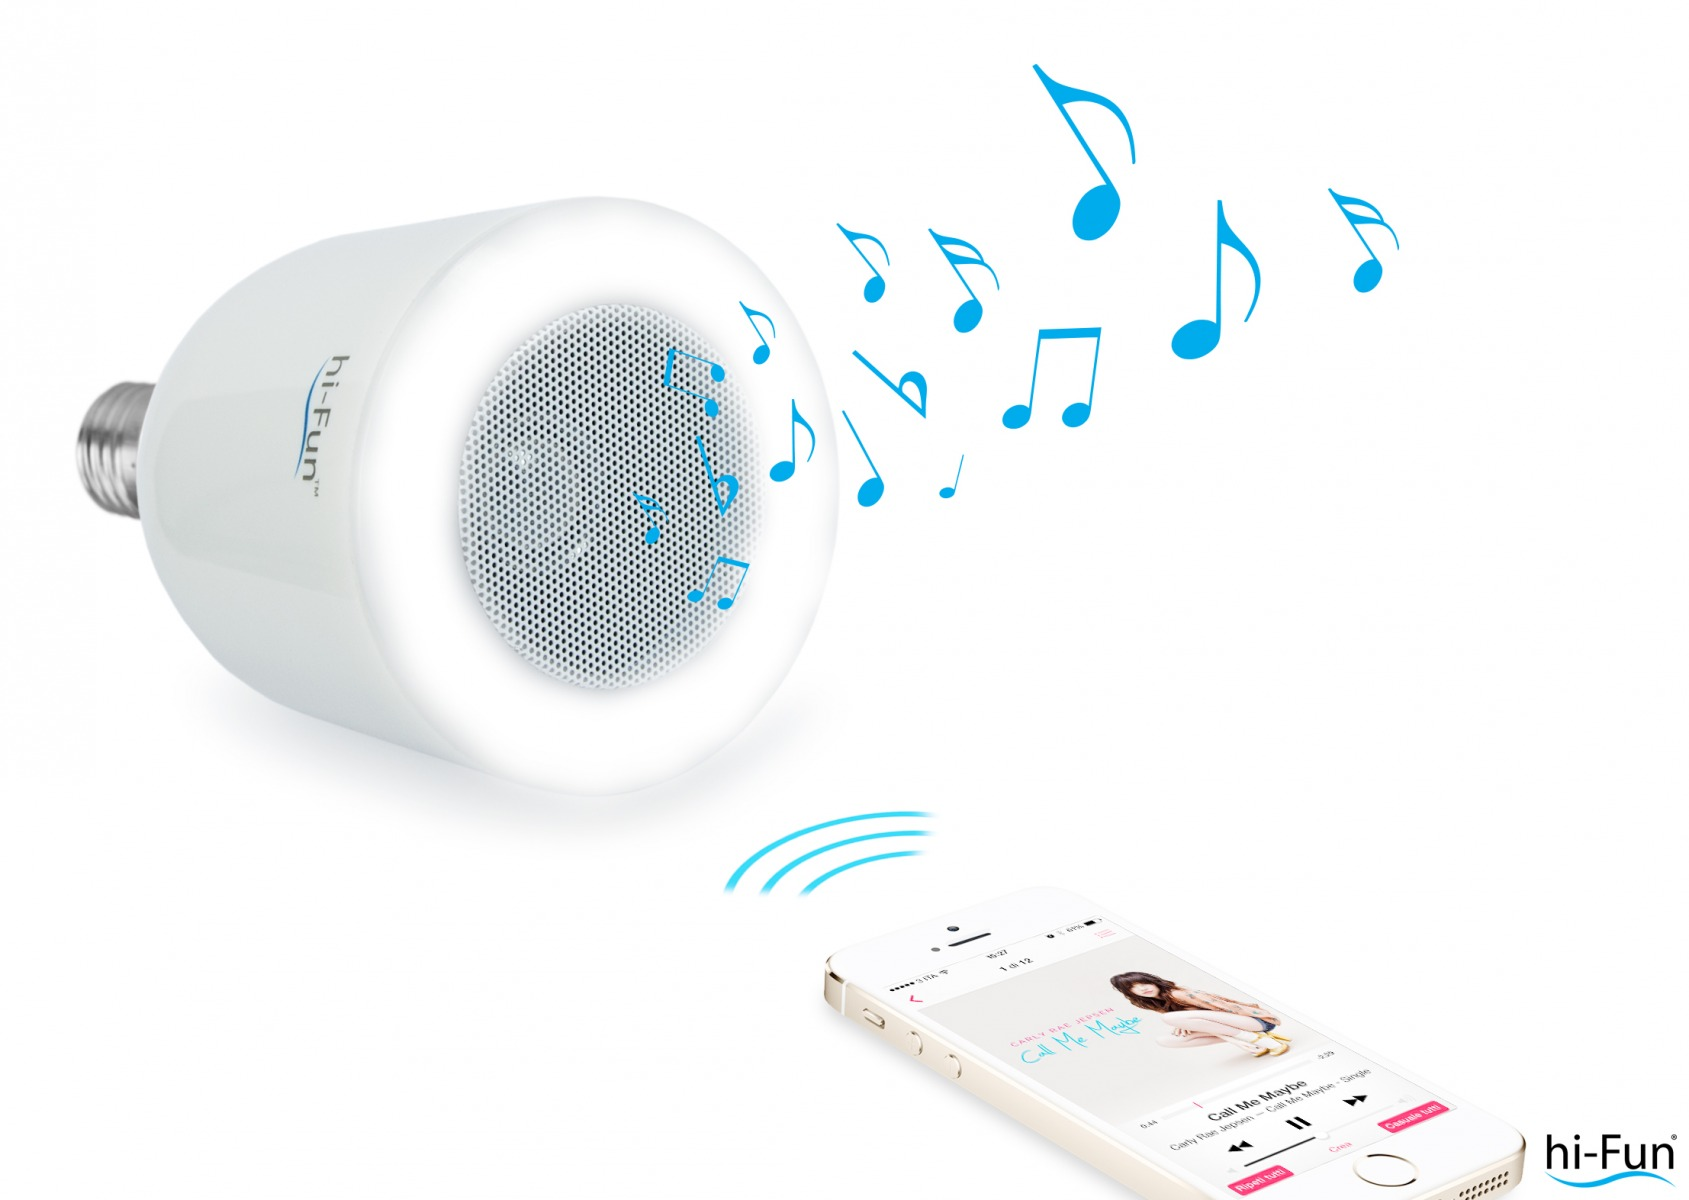 Glühlampe und Lautsprecherin einem: hi-Led, der Stereo-Lautsprecher in Form einerGlühlampe, erzeugt Licht und überträgtMusik. Die Songs können vomSmartphone, MP3-Player oder Computer per Bluetooth auf den integriertenLautsprecher übertragen und abgespielt werden. hi-Led kommt sowohl im eigenen Heimgut an, aber auch als besonderer Geschenkartikel für guteGeschäftspartner. Einfachdie Glühbirne derWohnzimmerstehlampe austauschen und die dezente Klangquelleist installiert. Das Produkt ist zum UVP von 49,99 Euro erhältlich.